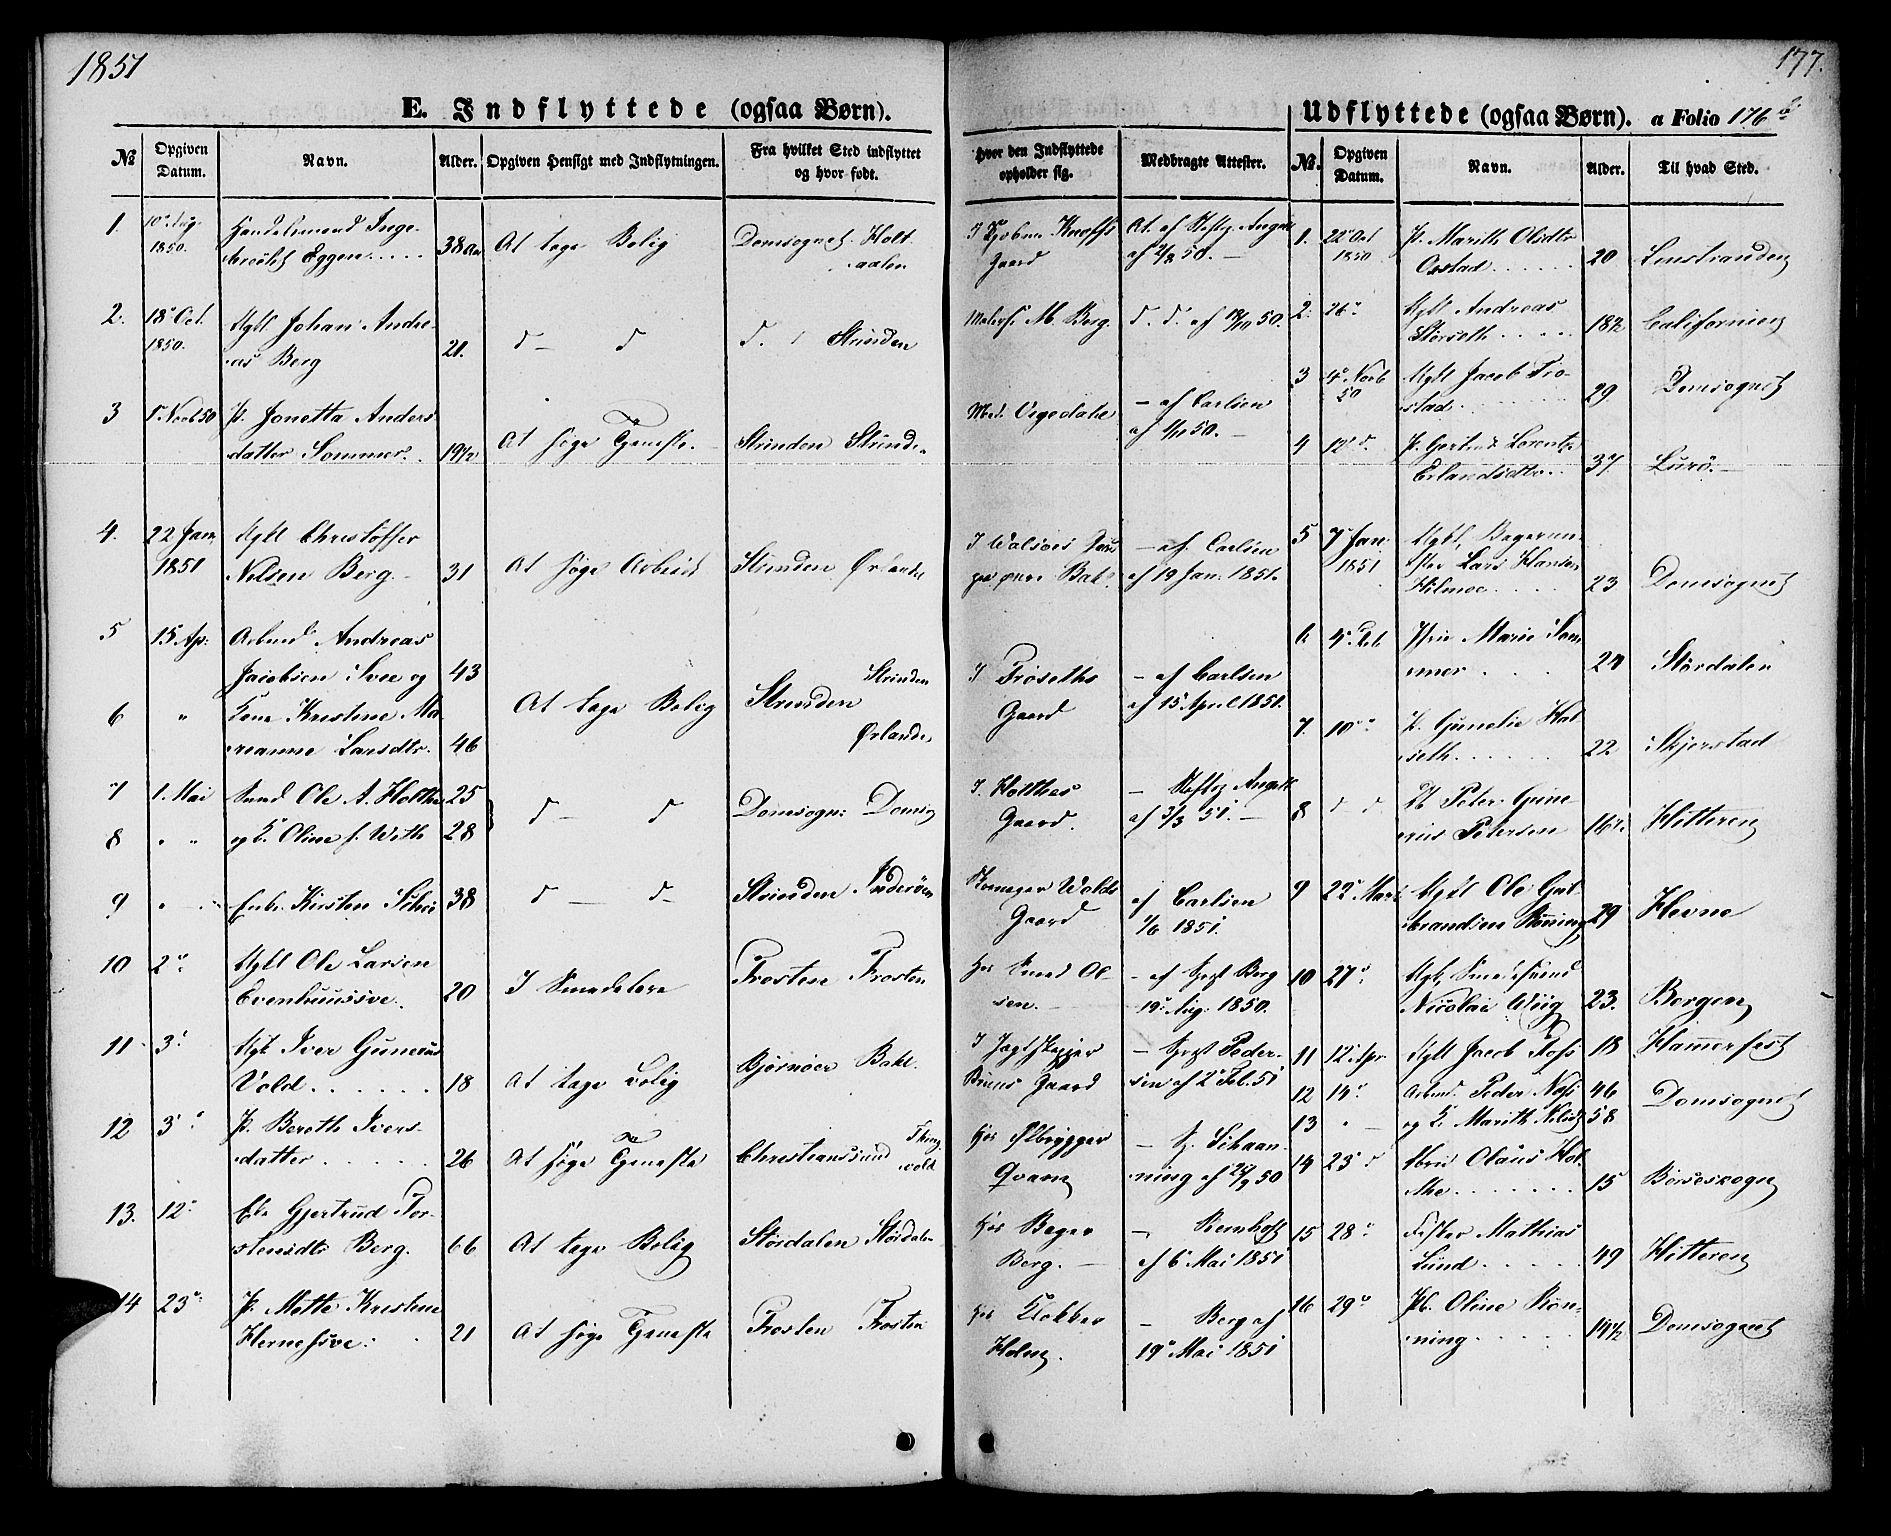 SAT, Ministerialprotokoller, klokkerbøker og fødselsregistre - Sør-Trøndelag, 604/L0184: Ministerialbok nr. 604A05, 1851-1860, s. 177